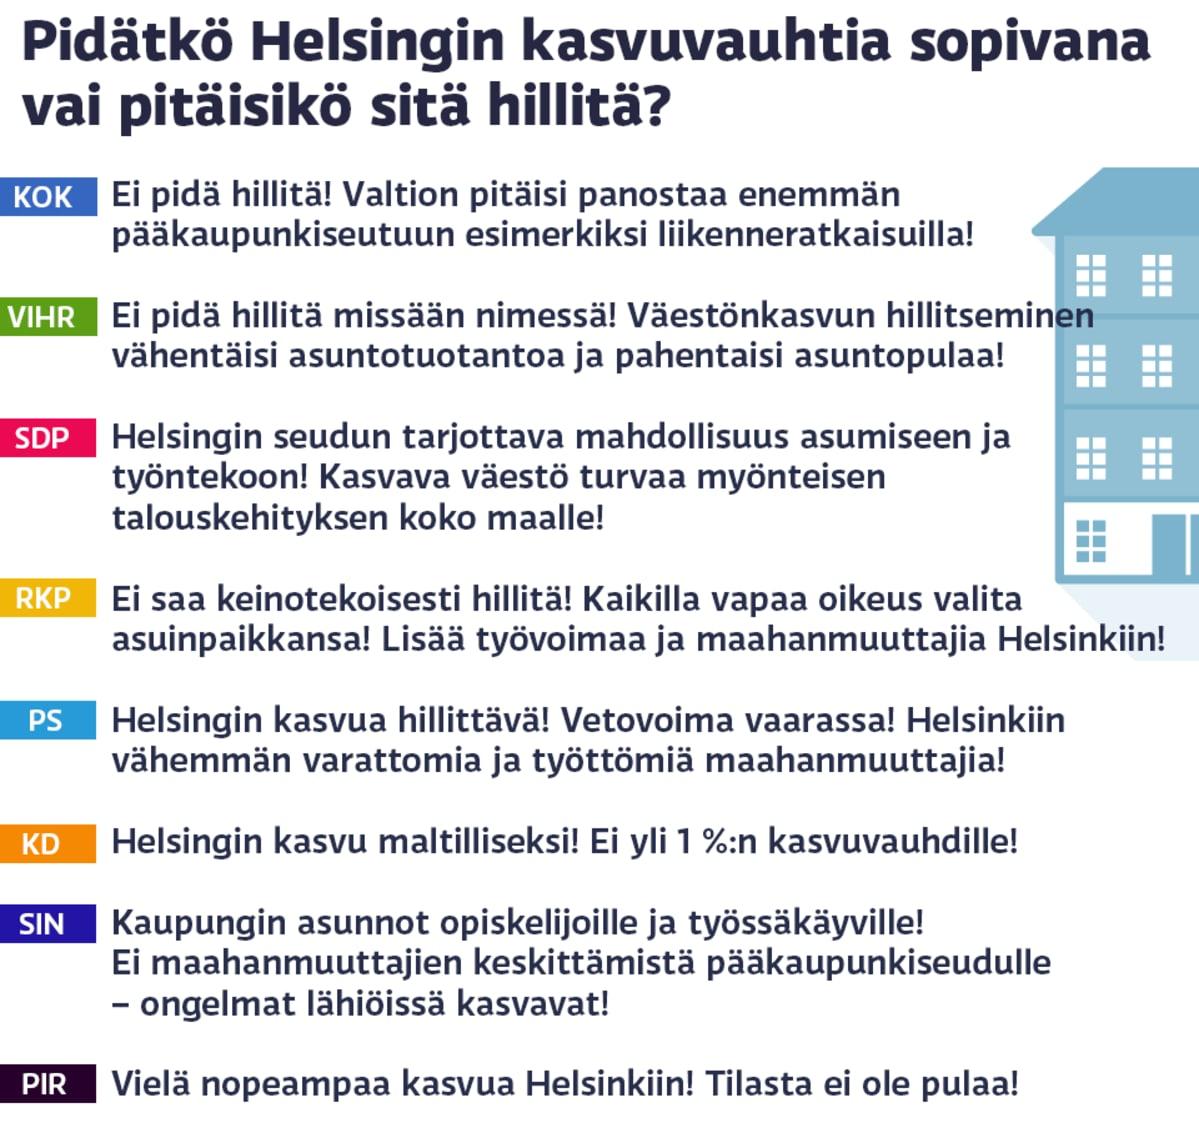 Kysymys puolueille Helsingin kasvuvauhdista